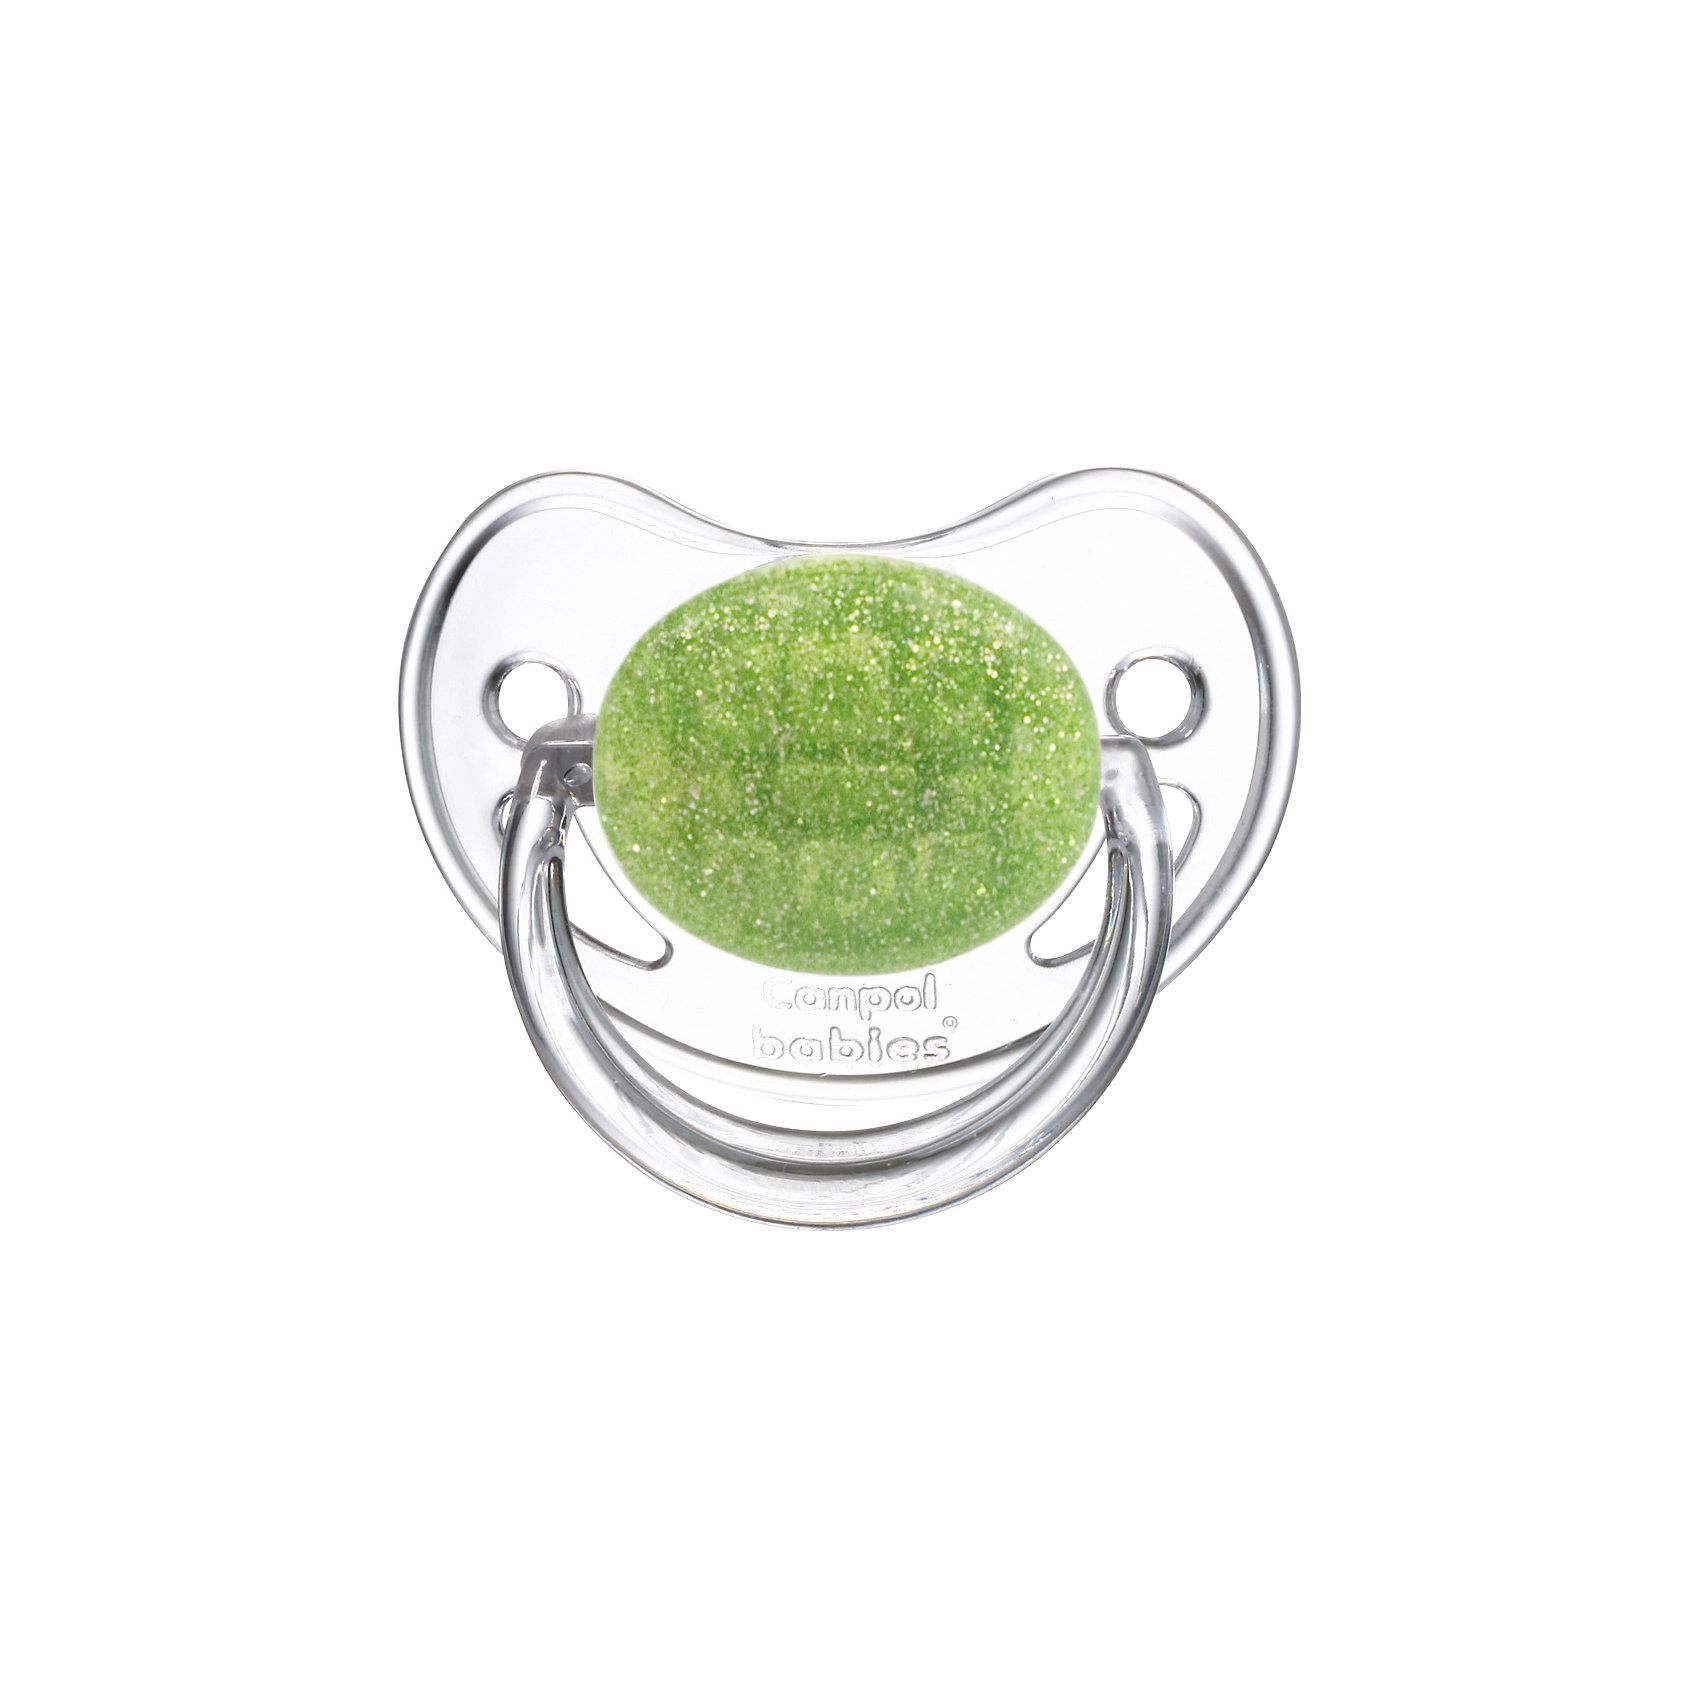 Пустышка круглая латексная, 0-6 Moonlight, Canpol Babies, зеленый